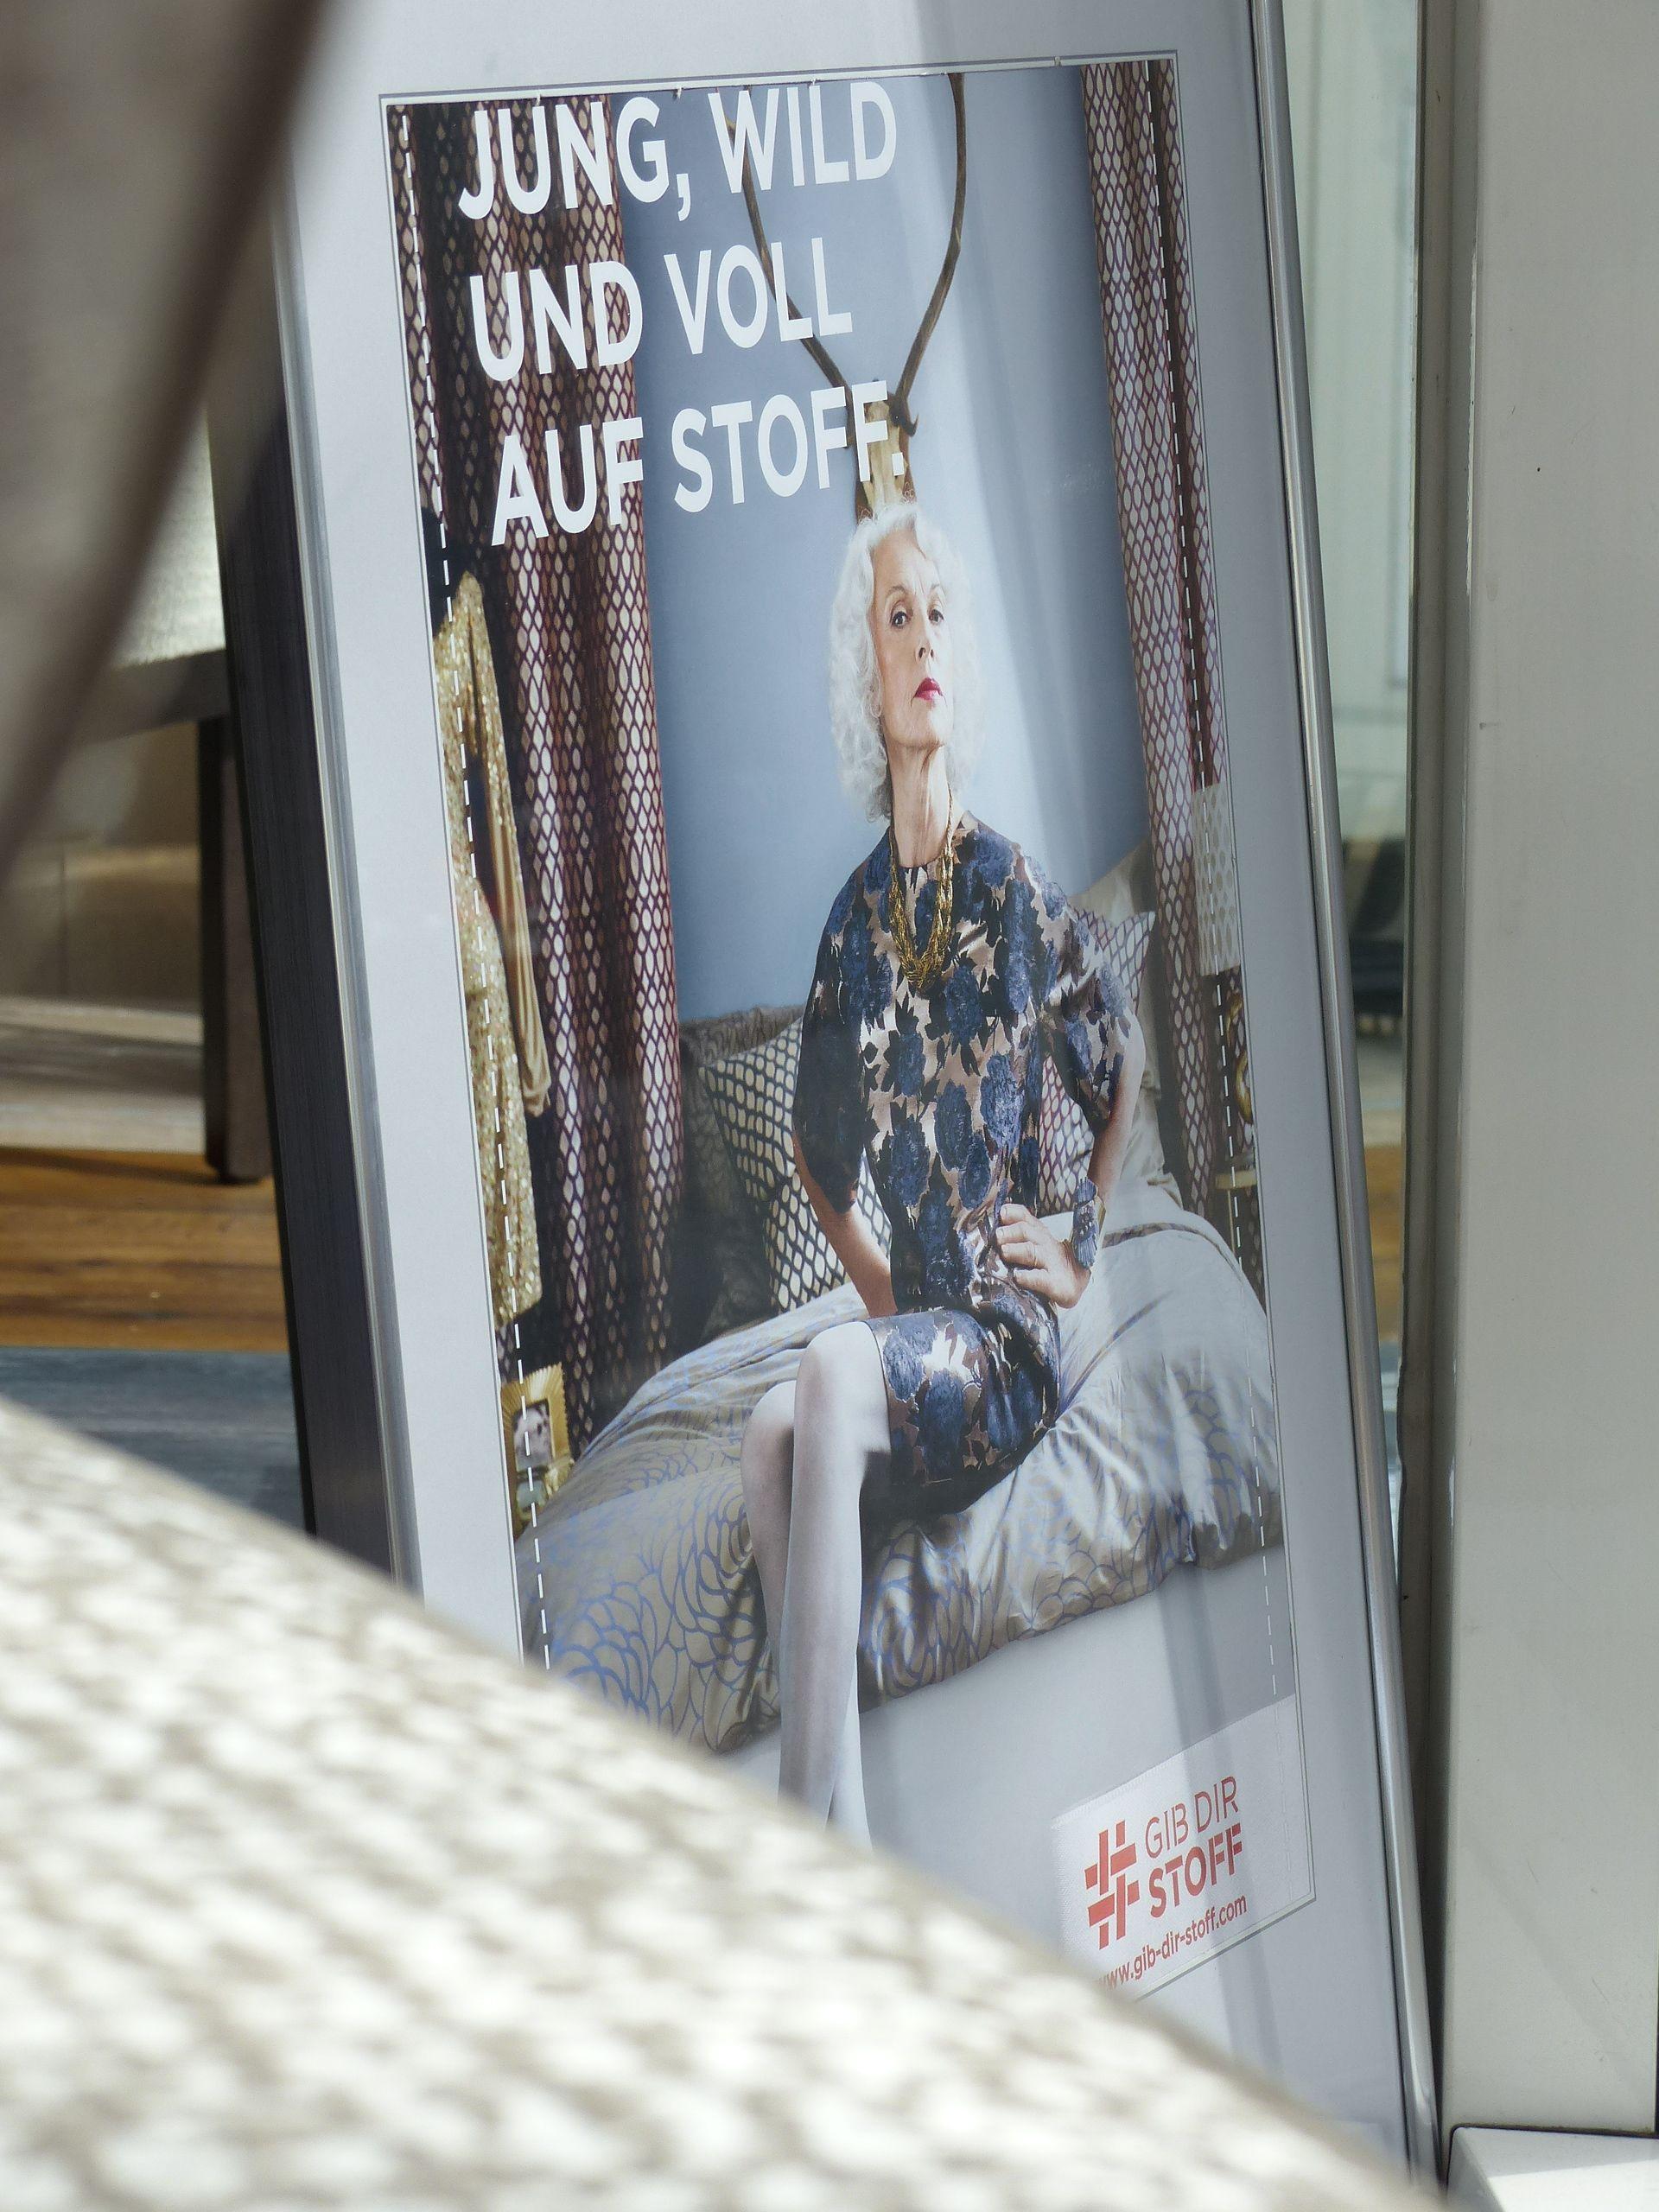 Initiative @gibdirstoff #gibdirStoff #textiles #Textil #Deko #Design #Stoff #Dekostoff #Dekorationsstoff #Möbelbezugsstoff #Polsterstoff #Möbelstoff ....alles Stoff! Wir sind dabei! #Kiel #Raumausstatter